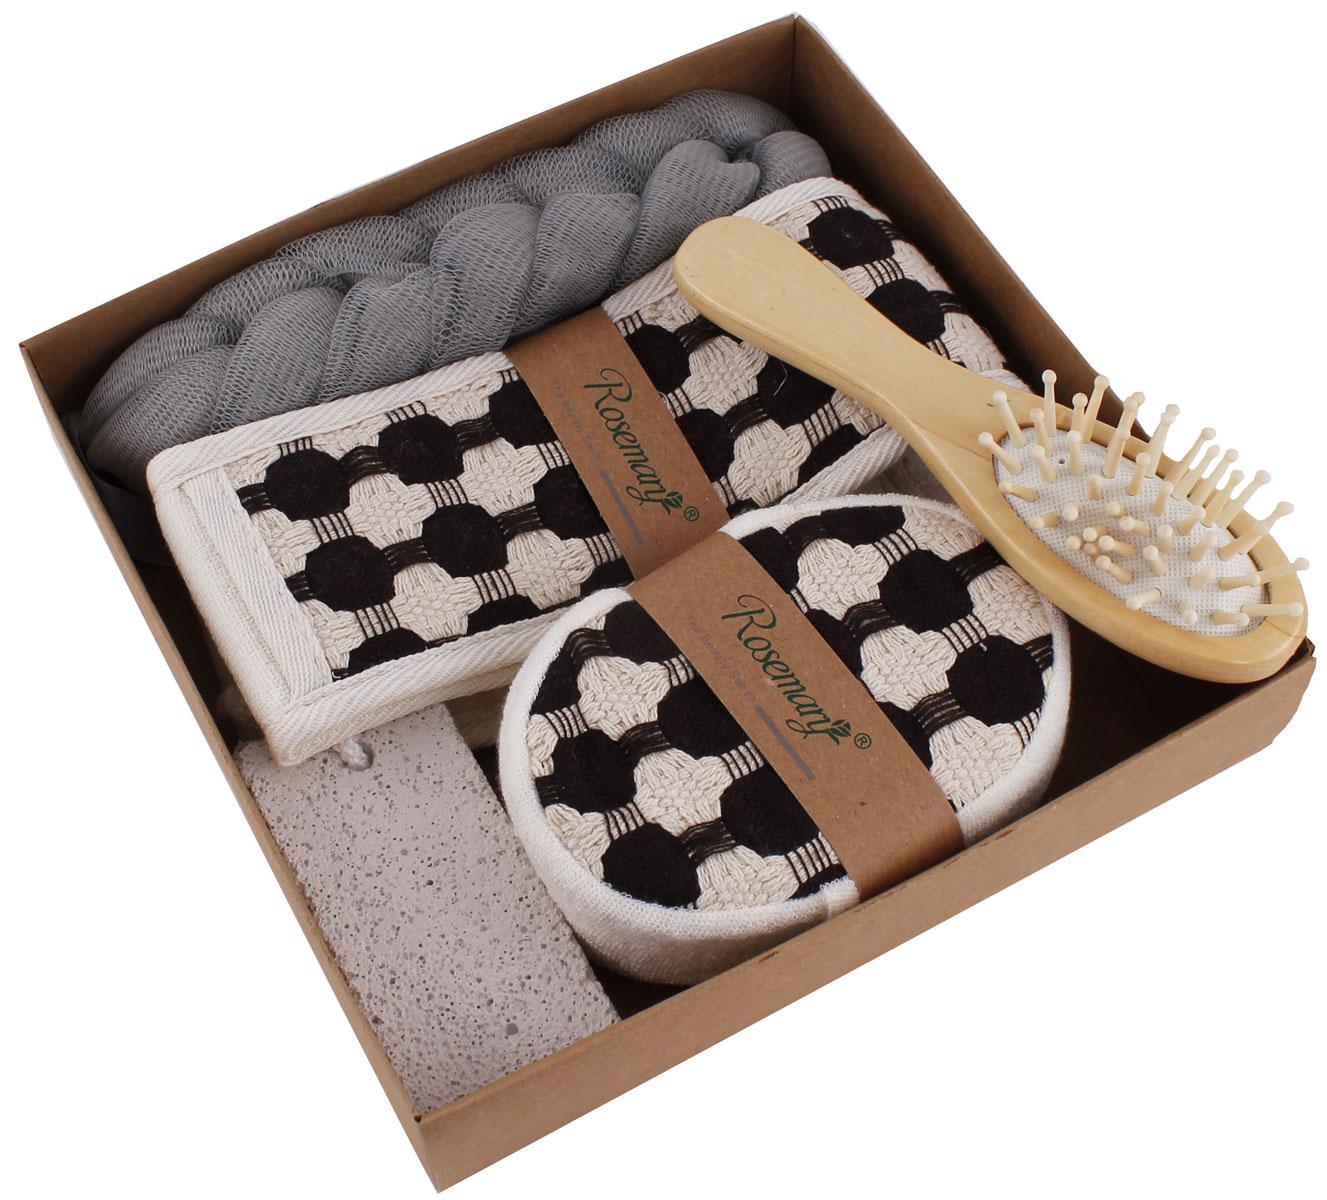 Набор банных аксессуаров Patricia, 5 предметов, цвет: серый. IM99-1331/3IM99-1331/3Набор банных аксессуаров включает: мочалка 20х4,5 см из синтетического материала; мочалка 68х7,5 см, состав: махровое полотно; массажка 16,5х4 см; мочалка 12,5х9х4 см состав: махровое полотно; пемза 9,5х4,5х1,5 см. Такой набор станет не заменимым и сделает банную процедуру еще более комфортной.